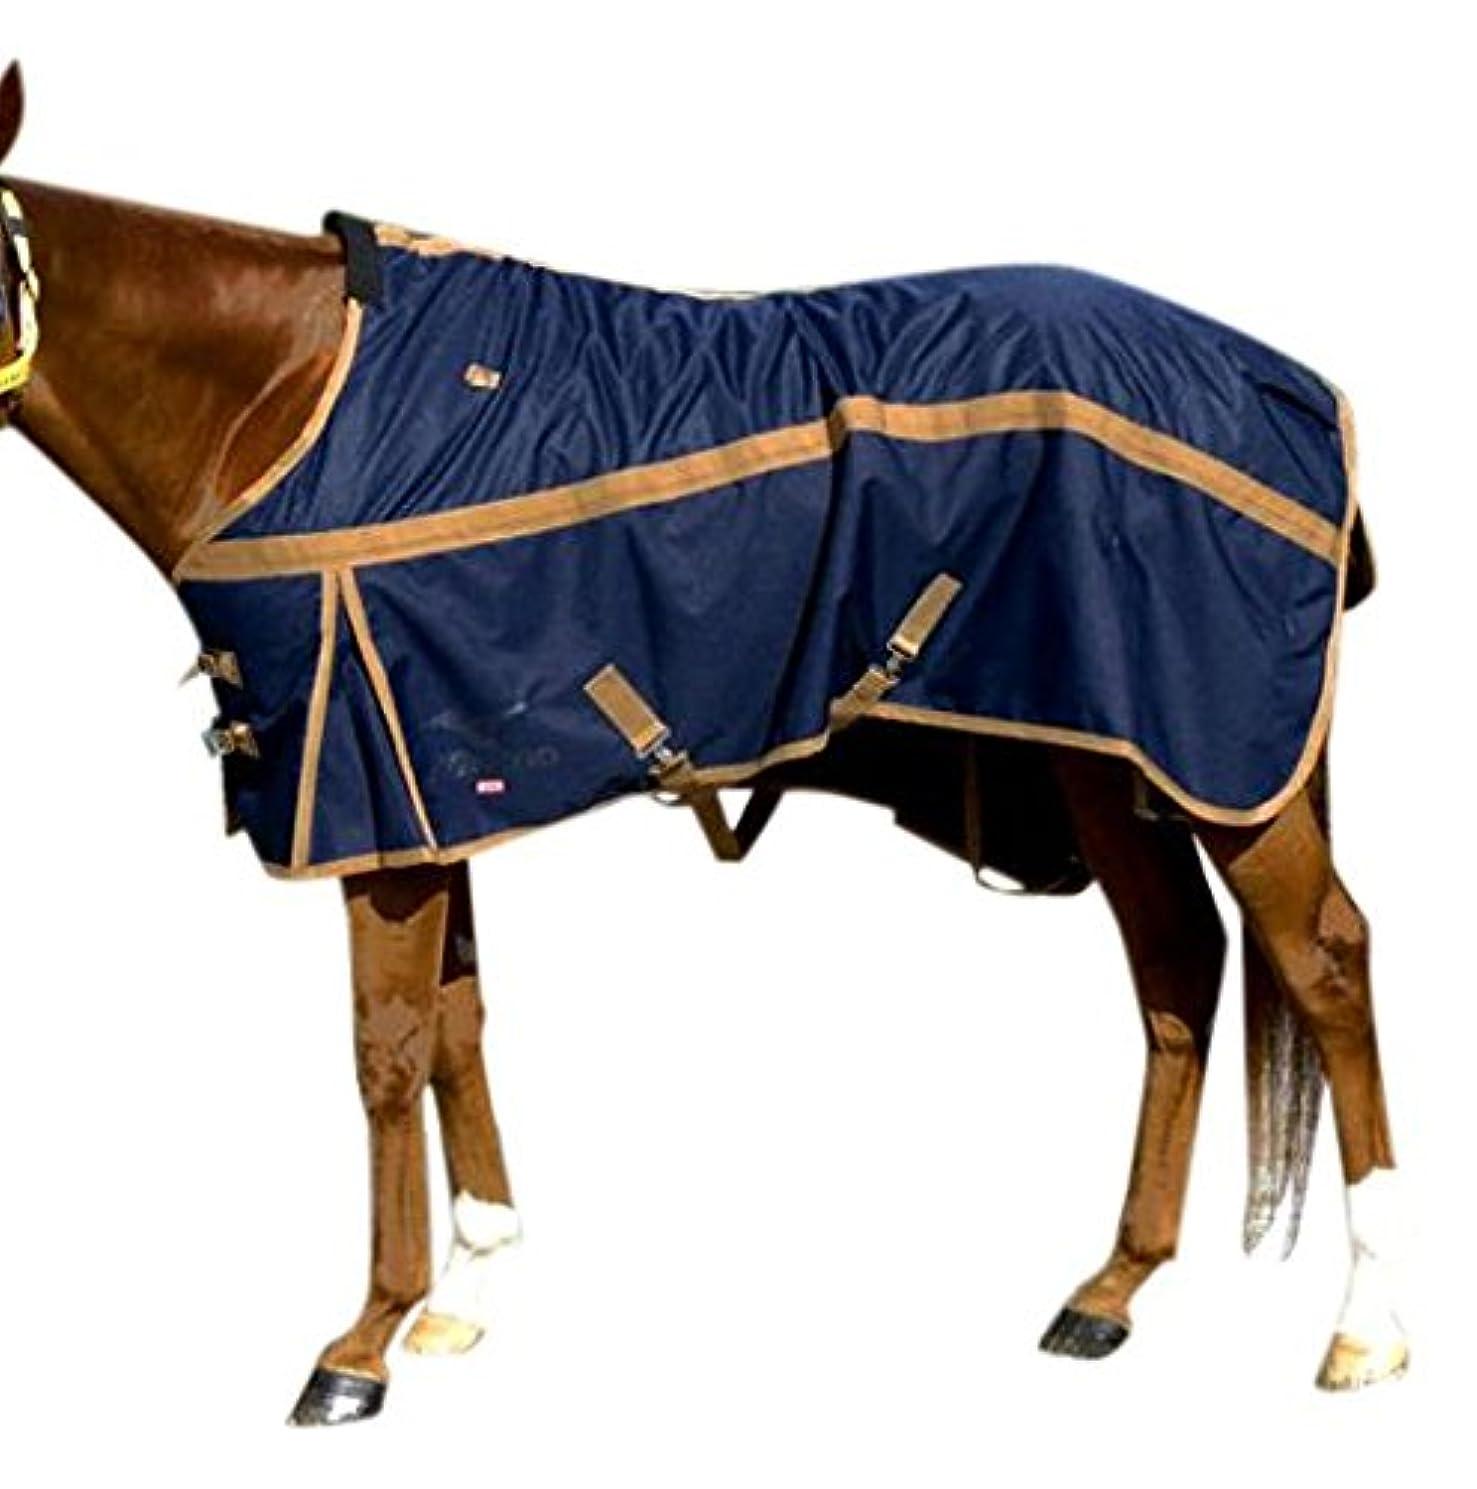 眠っている暗記する頭痛MIZUNO(ミズノ) 馬着 ブレスサーモ ヘビーウエイトラグ (上部/600D,下部/1200D) 32JT5G01